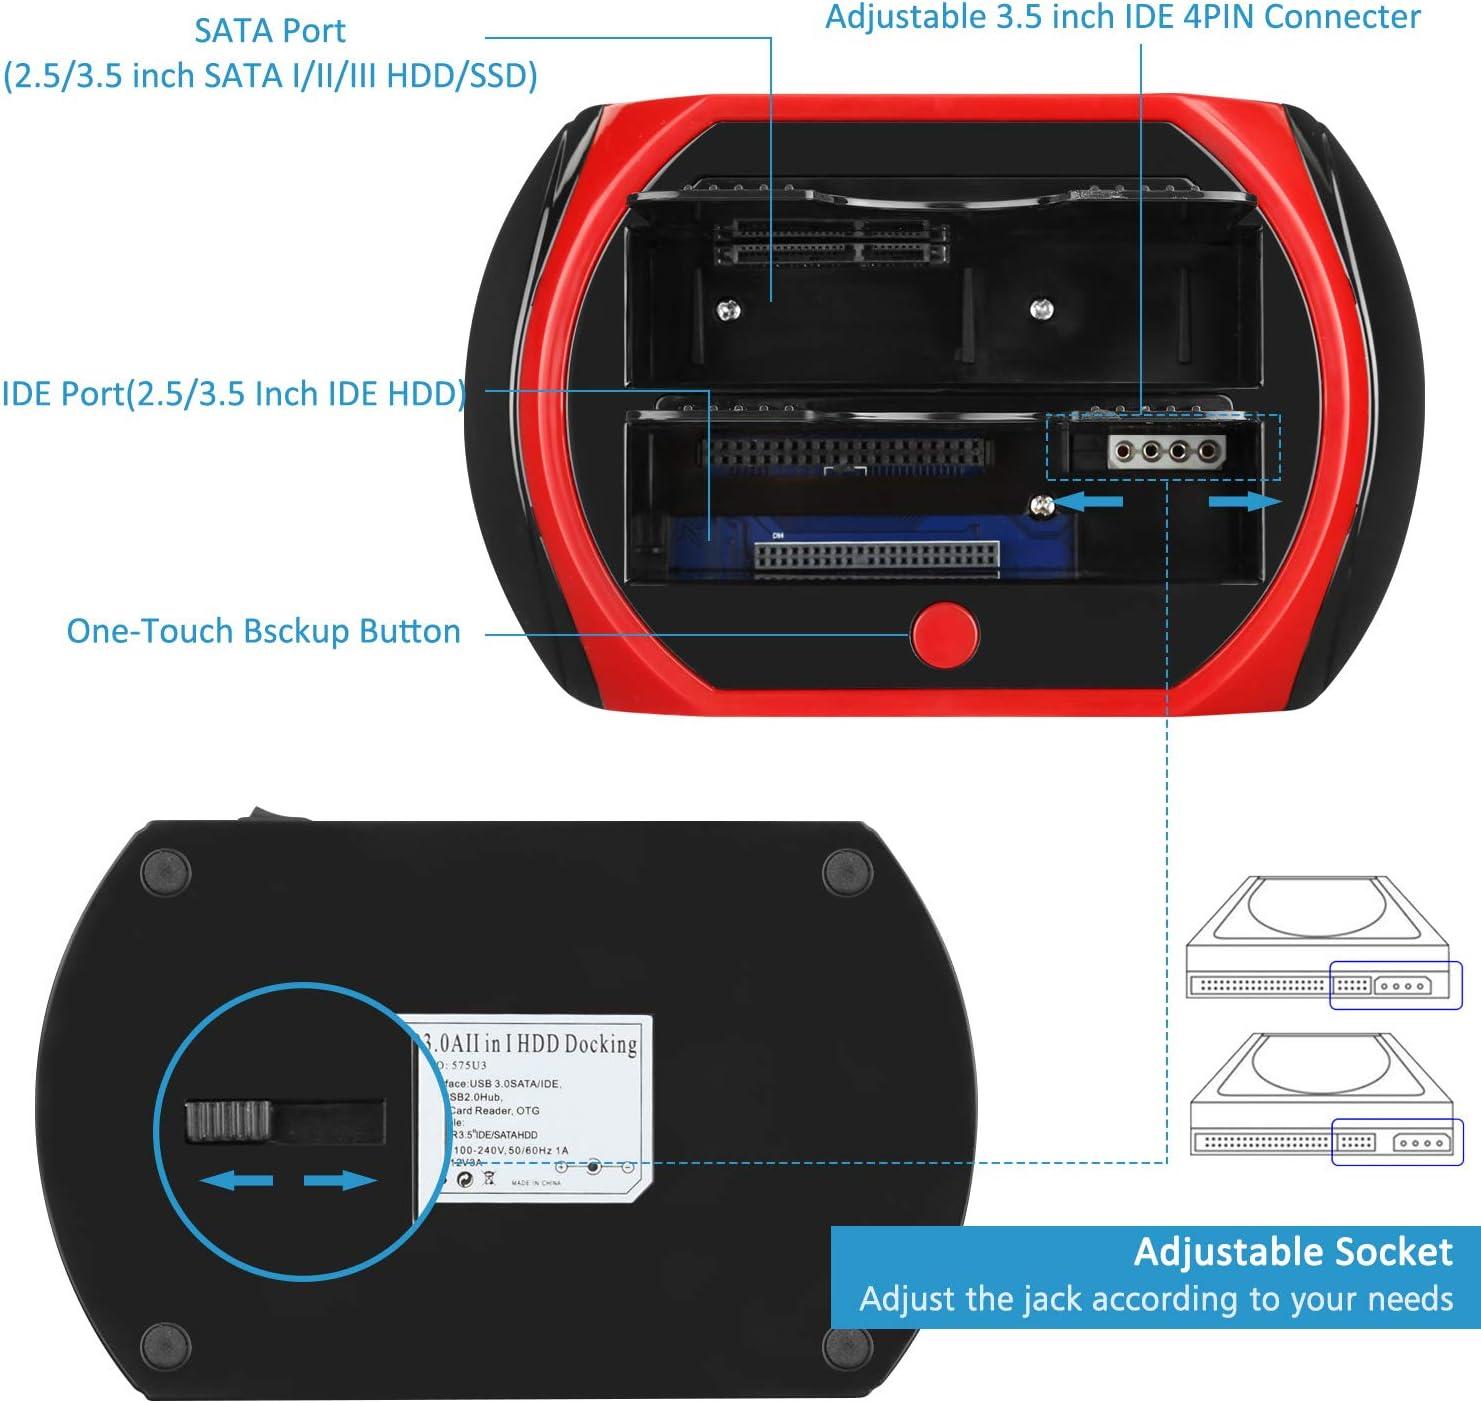 Tccmebius TCC-S862-DE USB 2.0 a IDE SATA Bahía Dual HDD Disco Duro ...